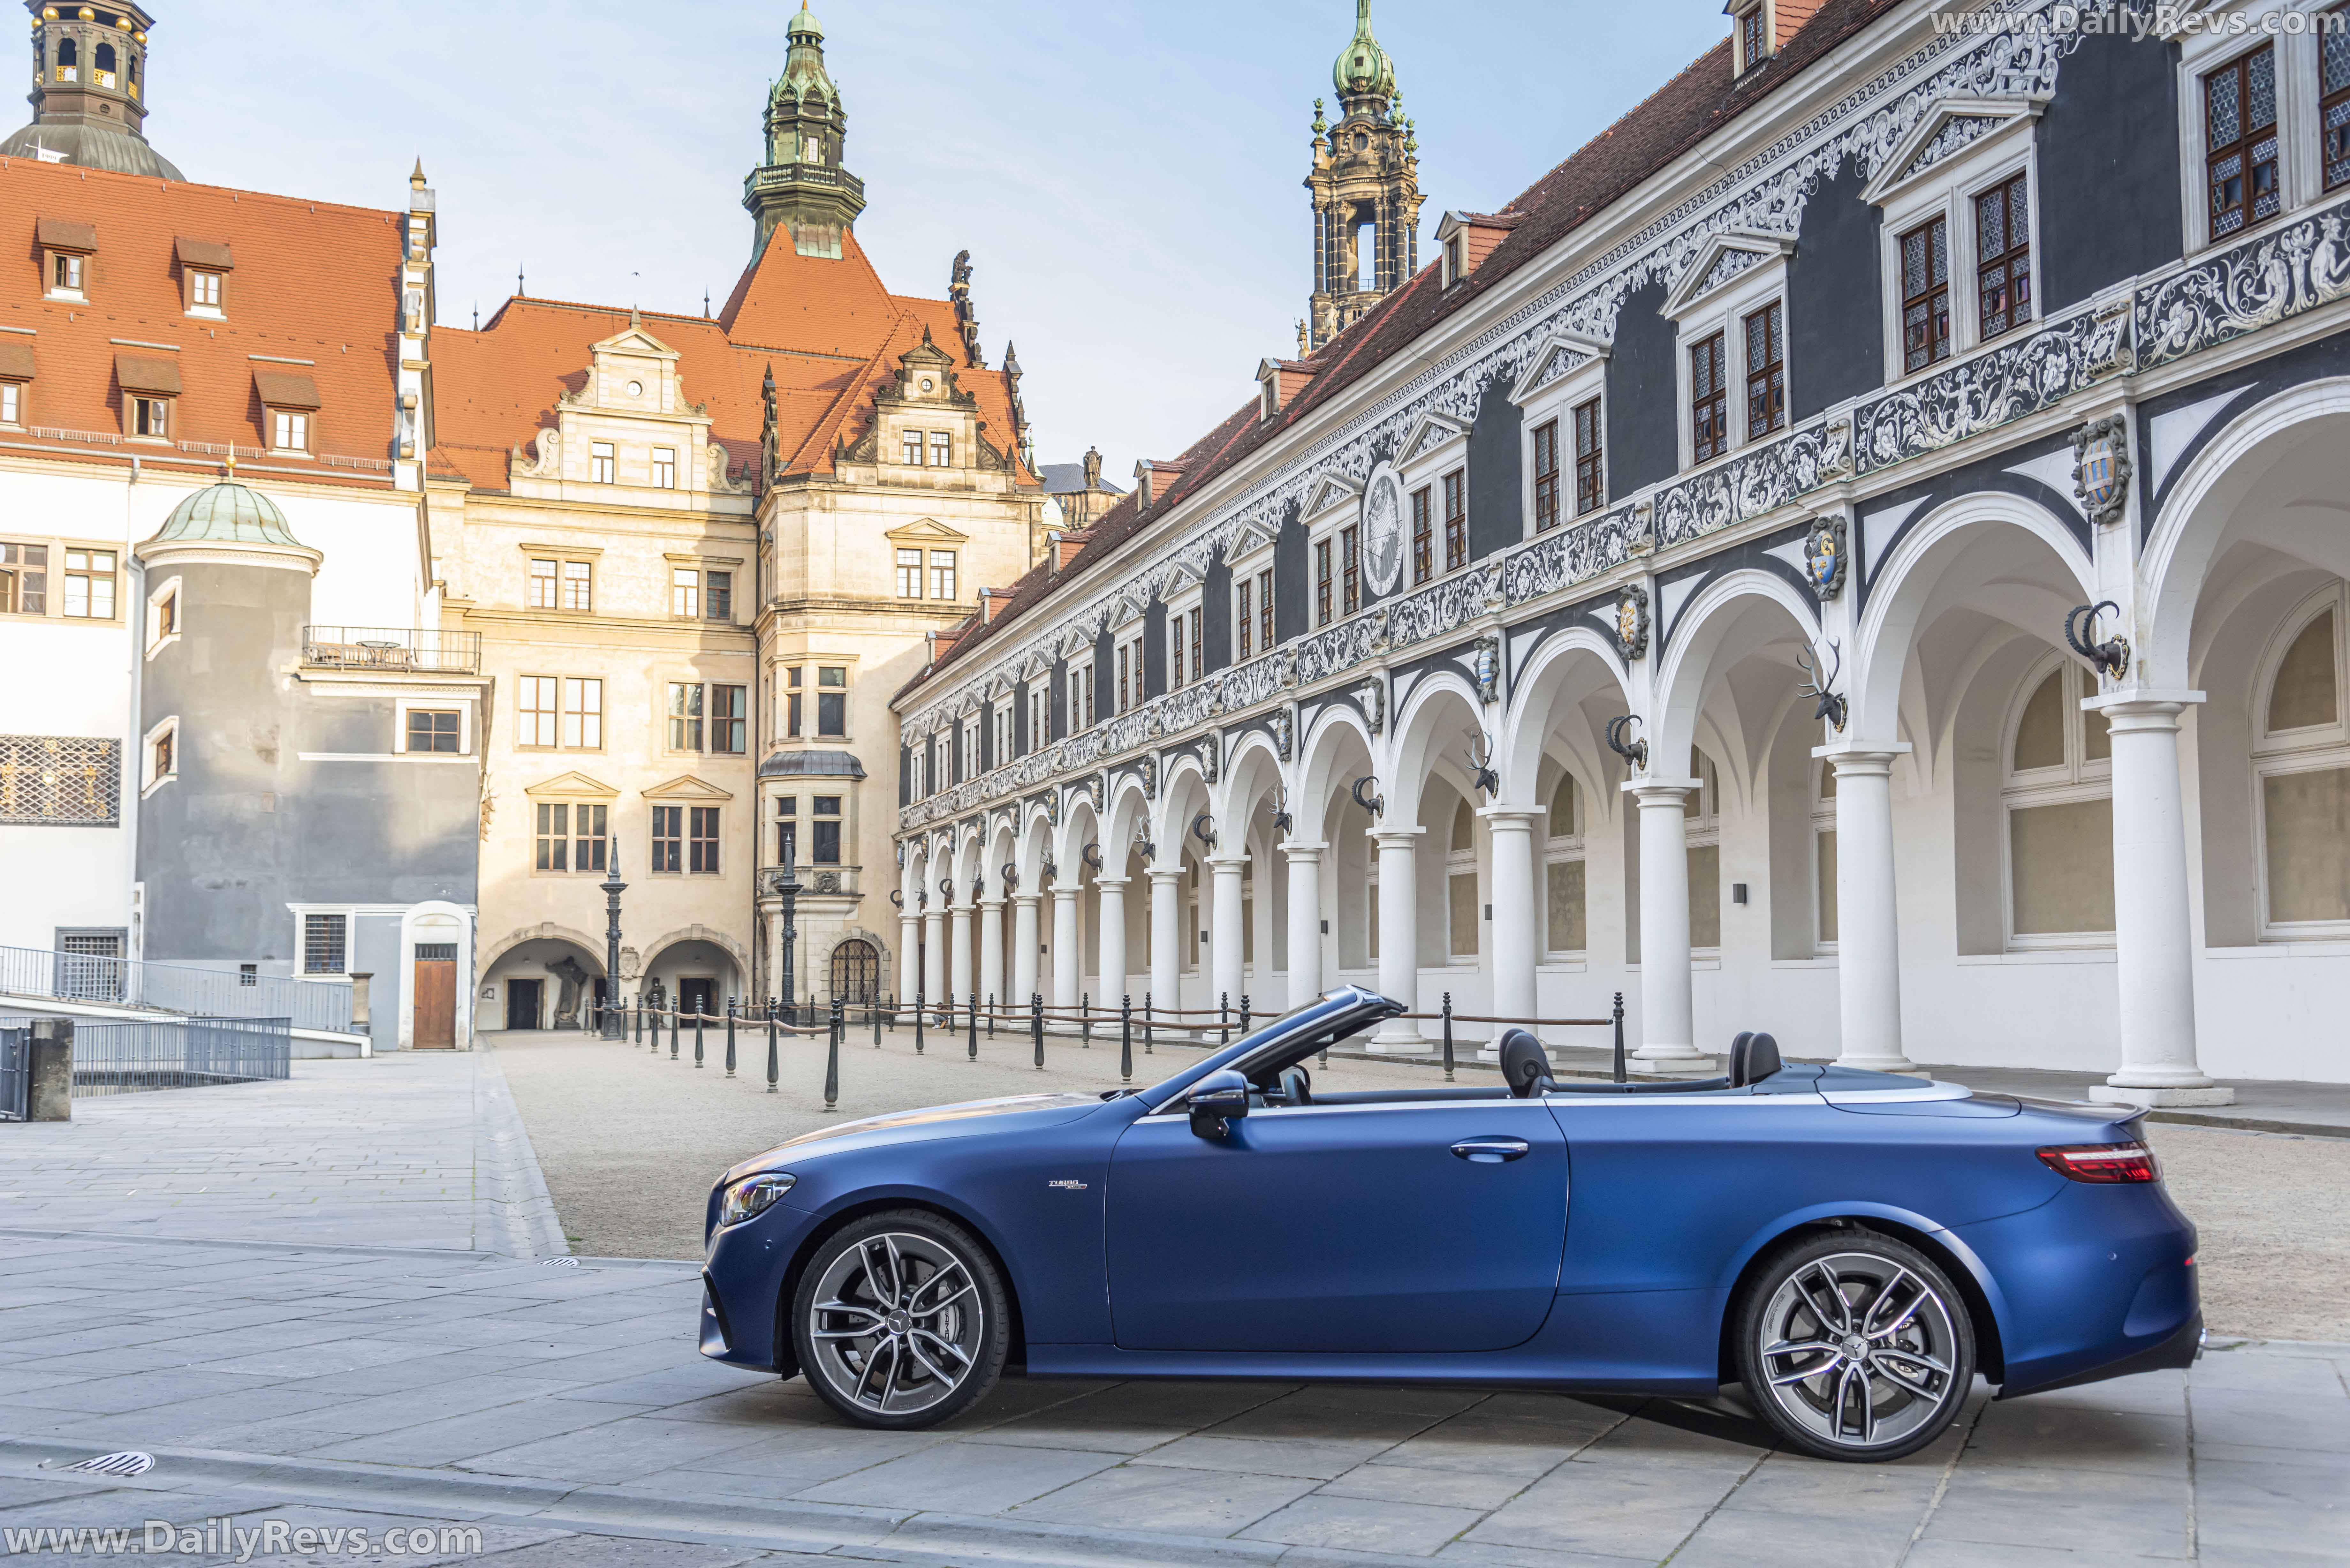 2021 Mercedes-Benz E53 AMG Cabriolet - Dailyrevs